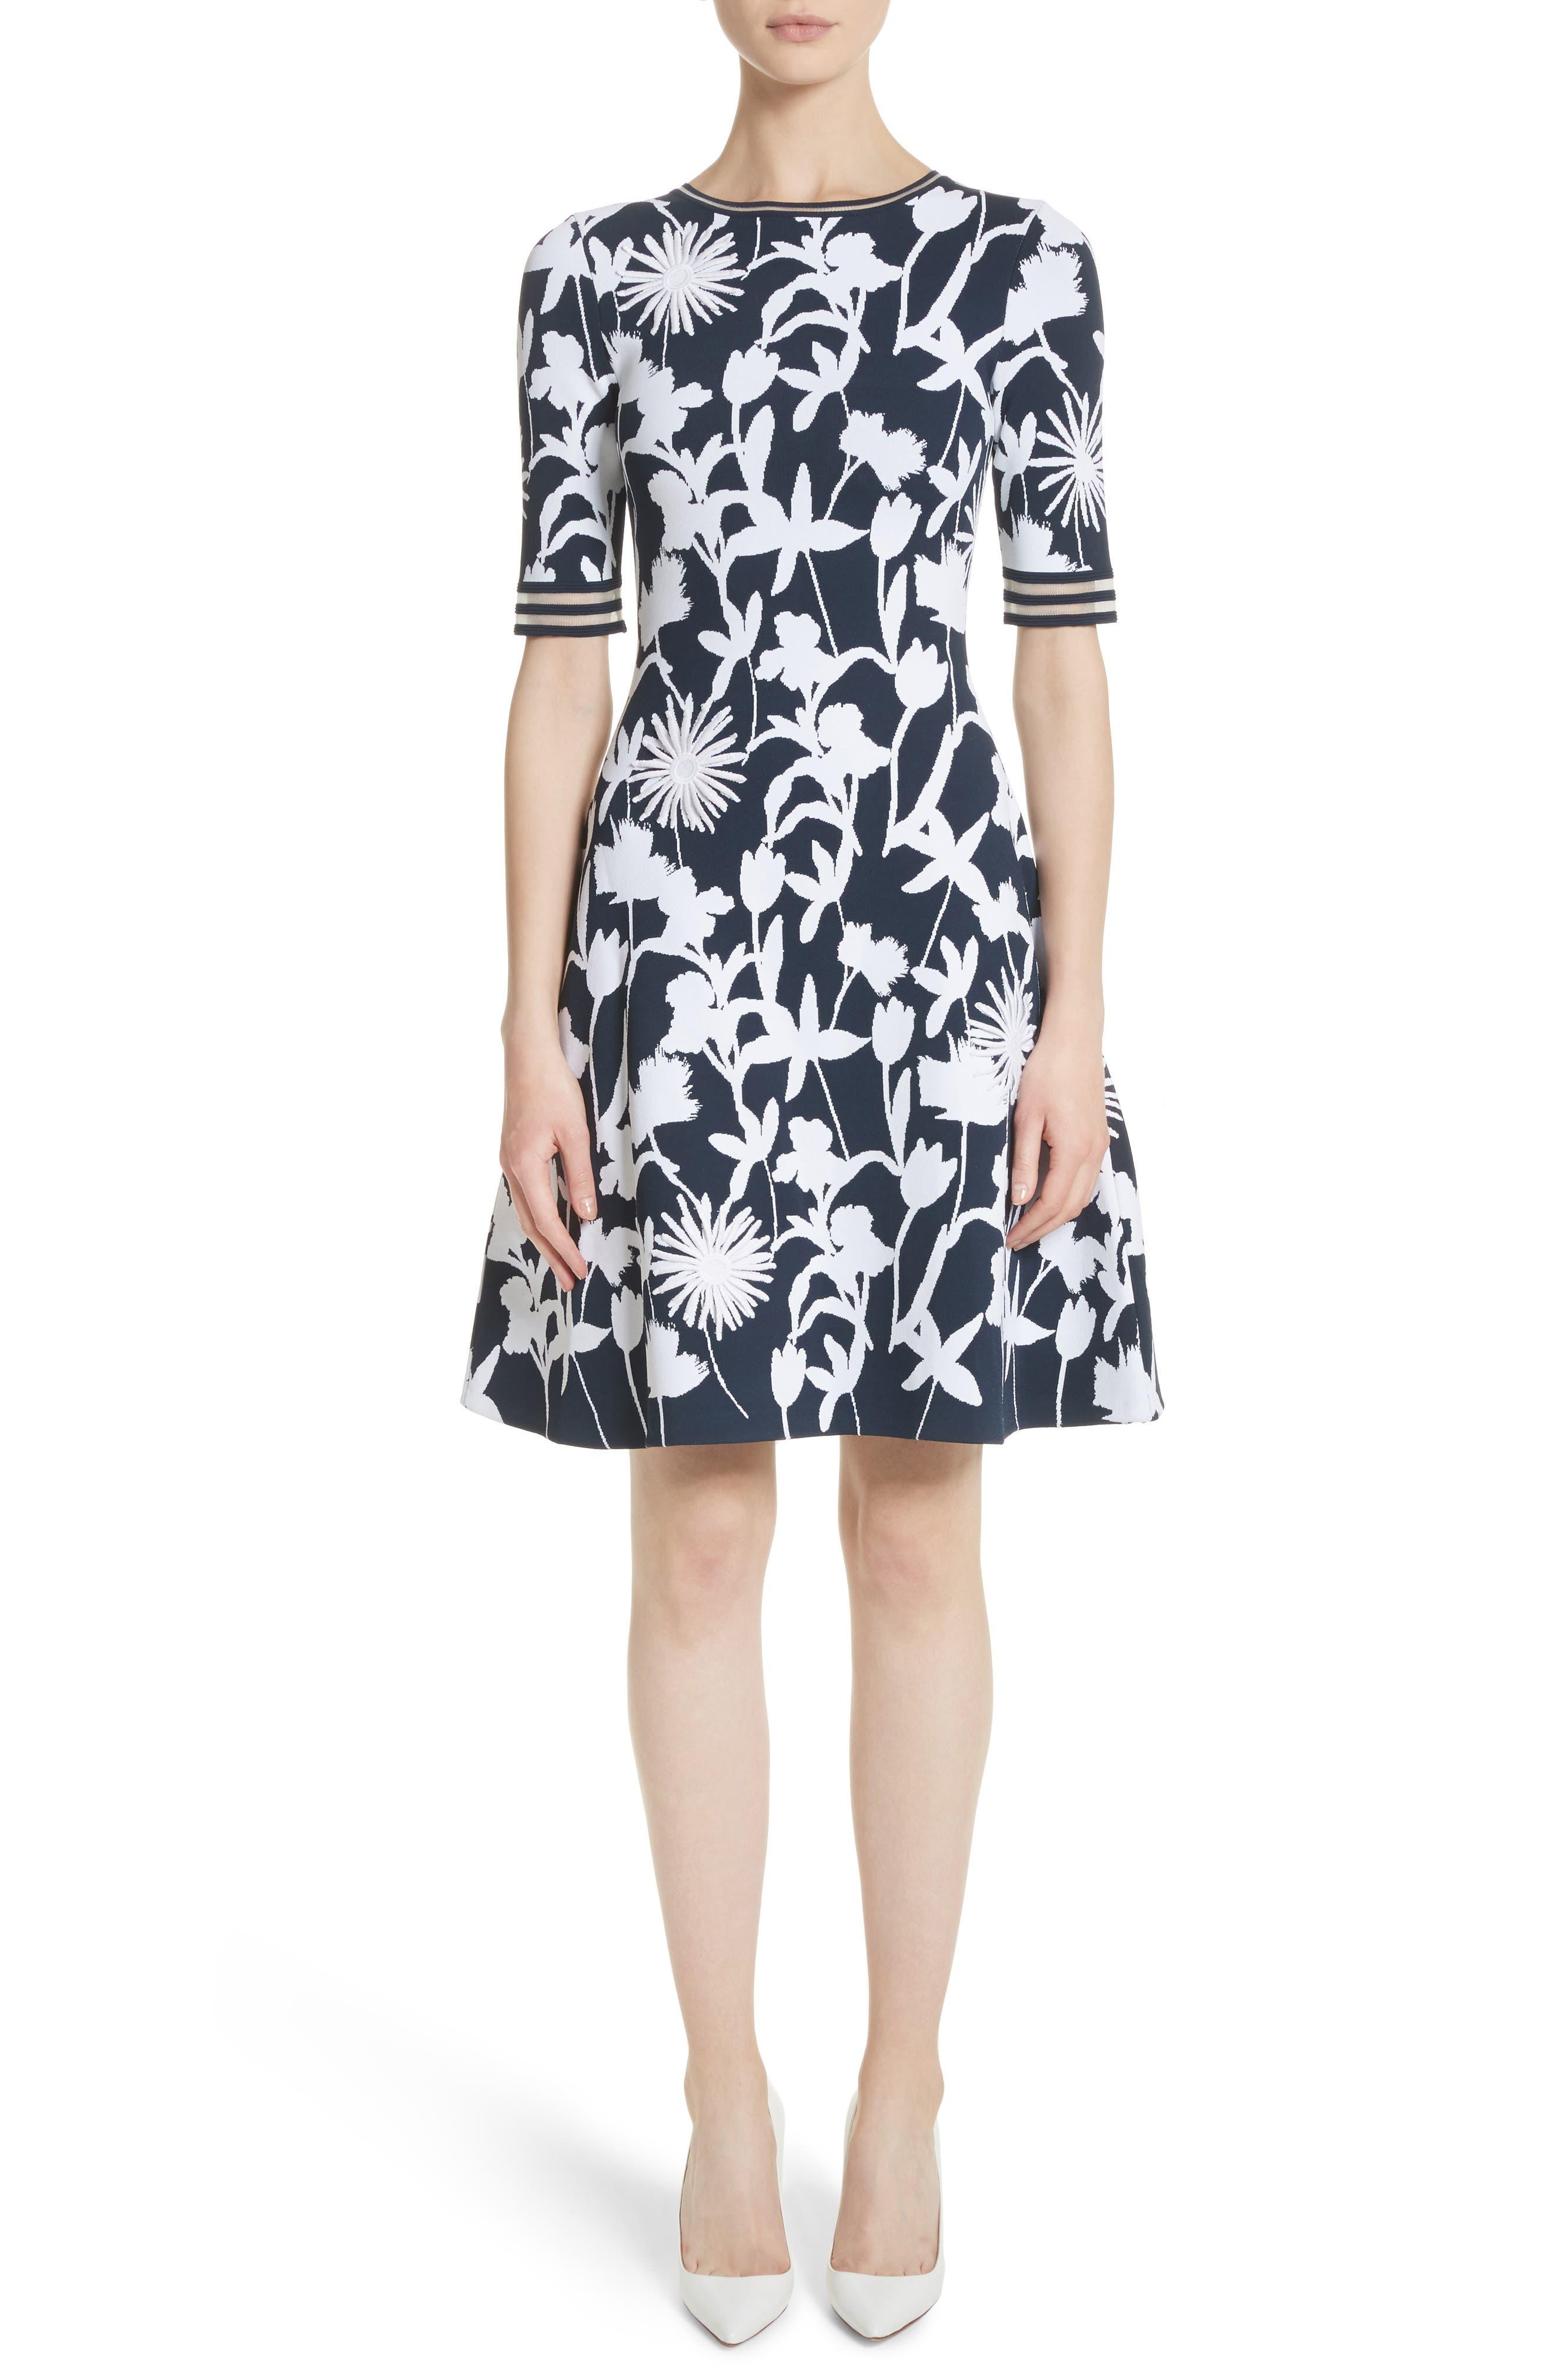 Oscar de la Renta Floral Appliqué Intarsia Knit Dress